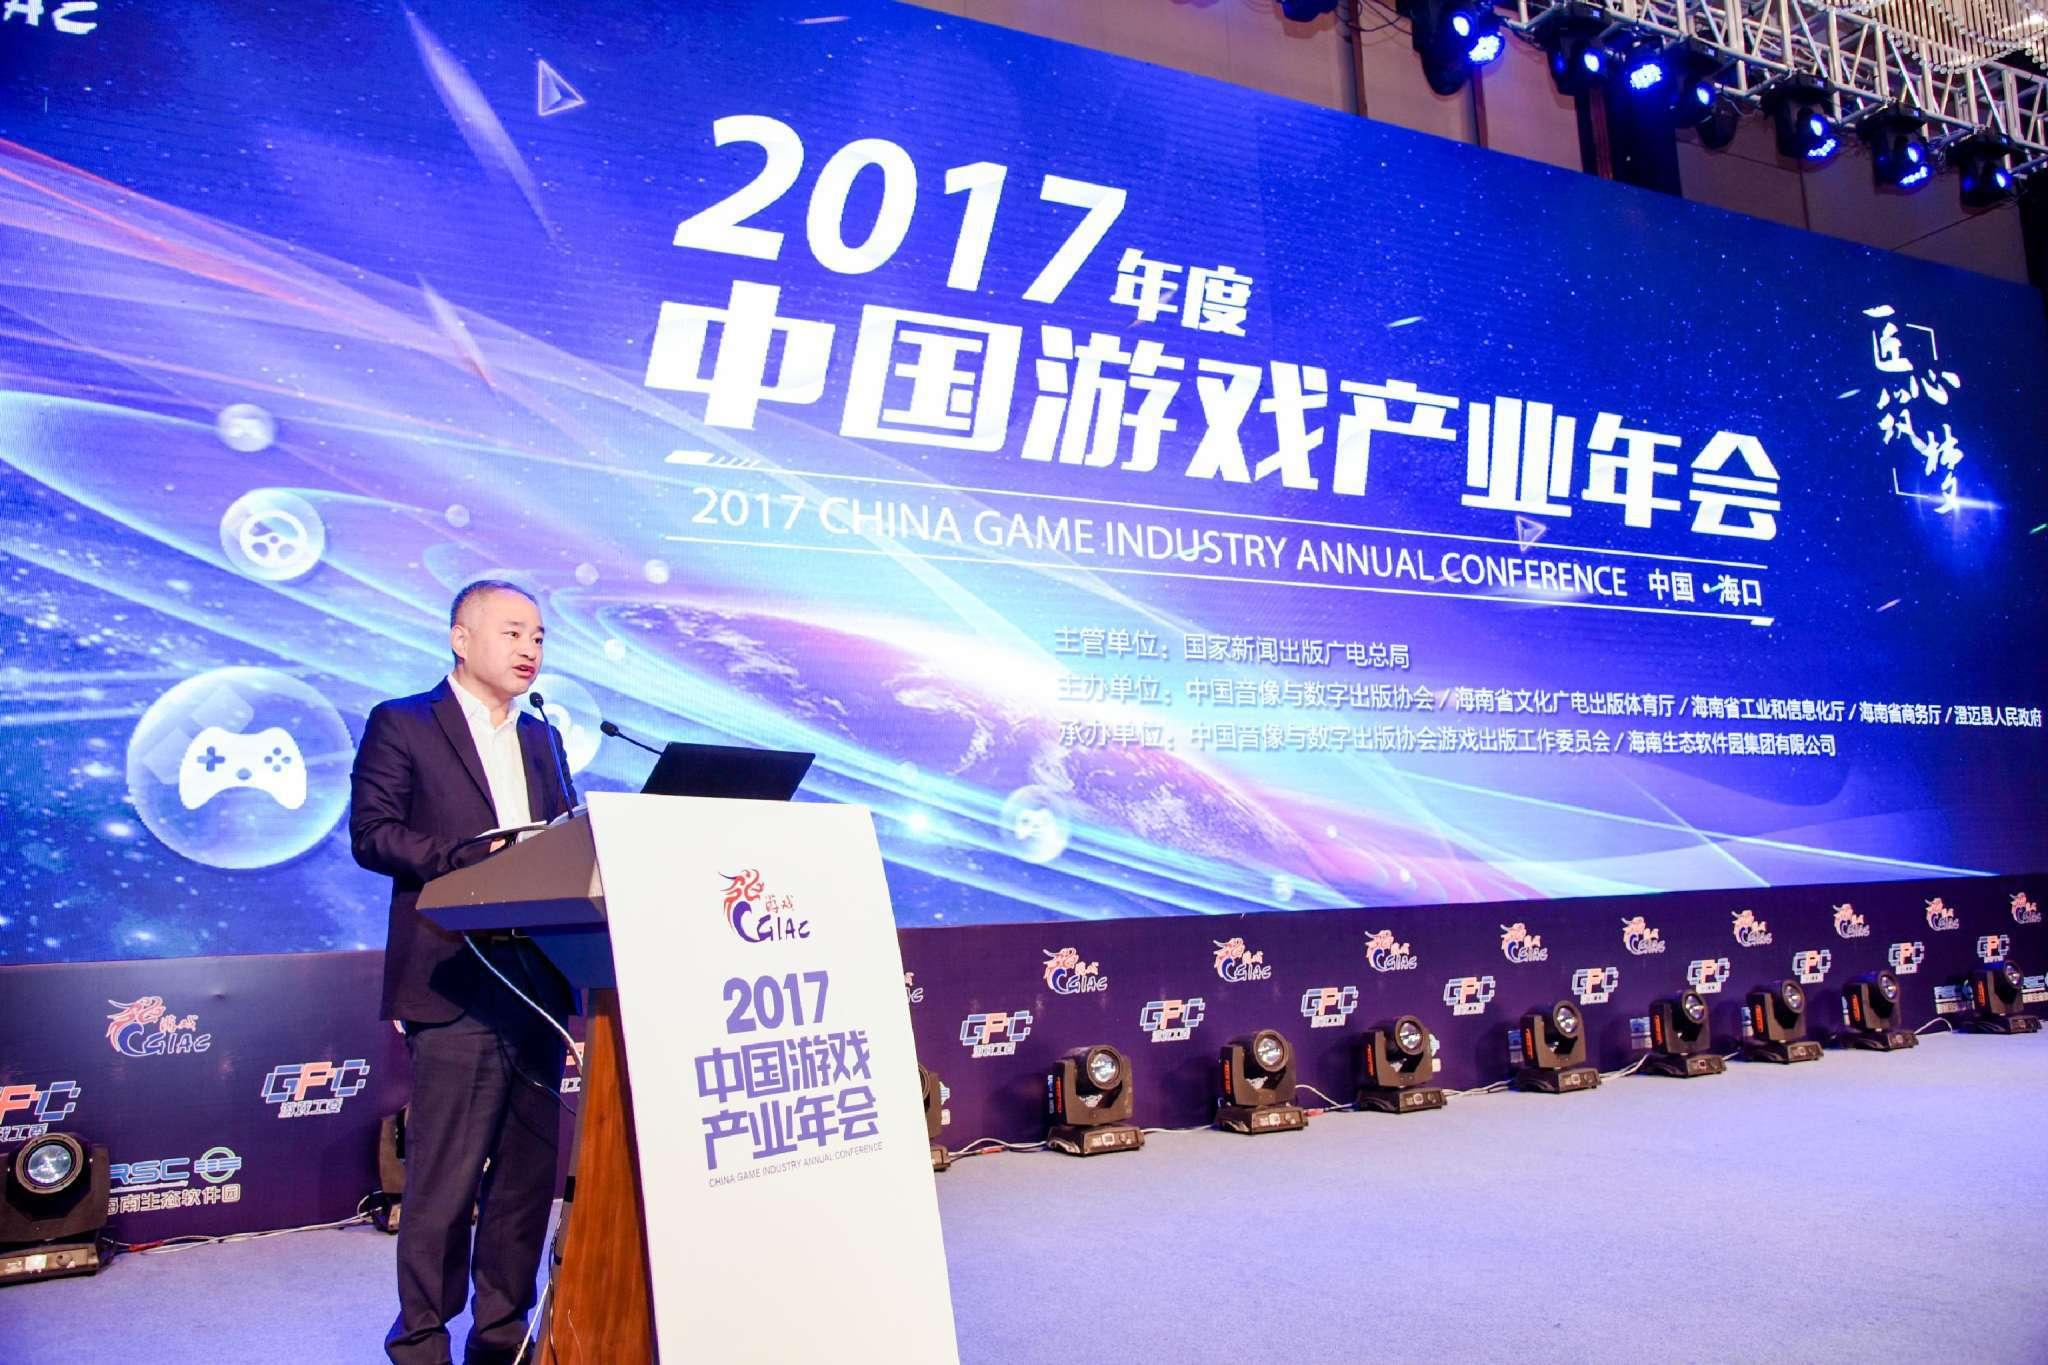 海南省文化广电出版体育厅厅长丁晖在游戏产业年会发言